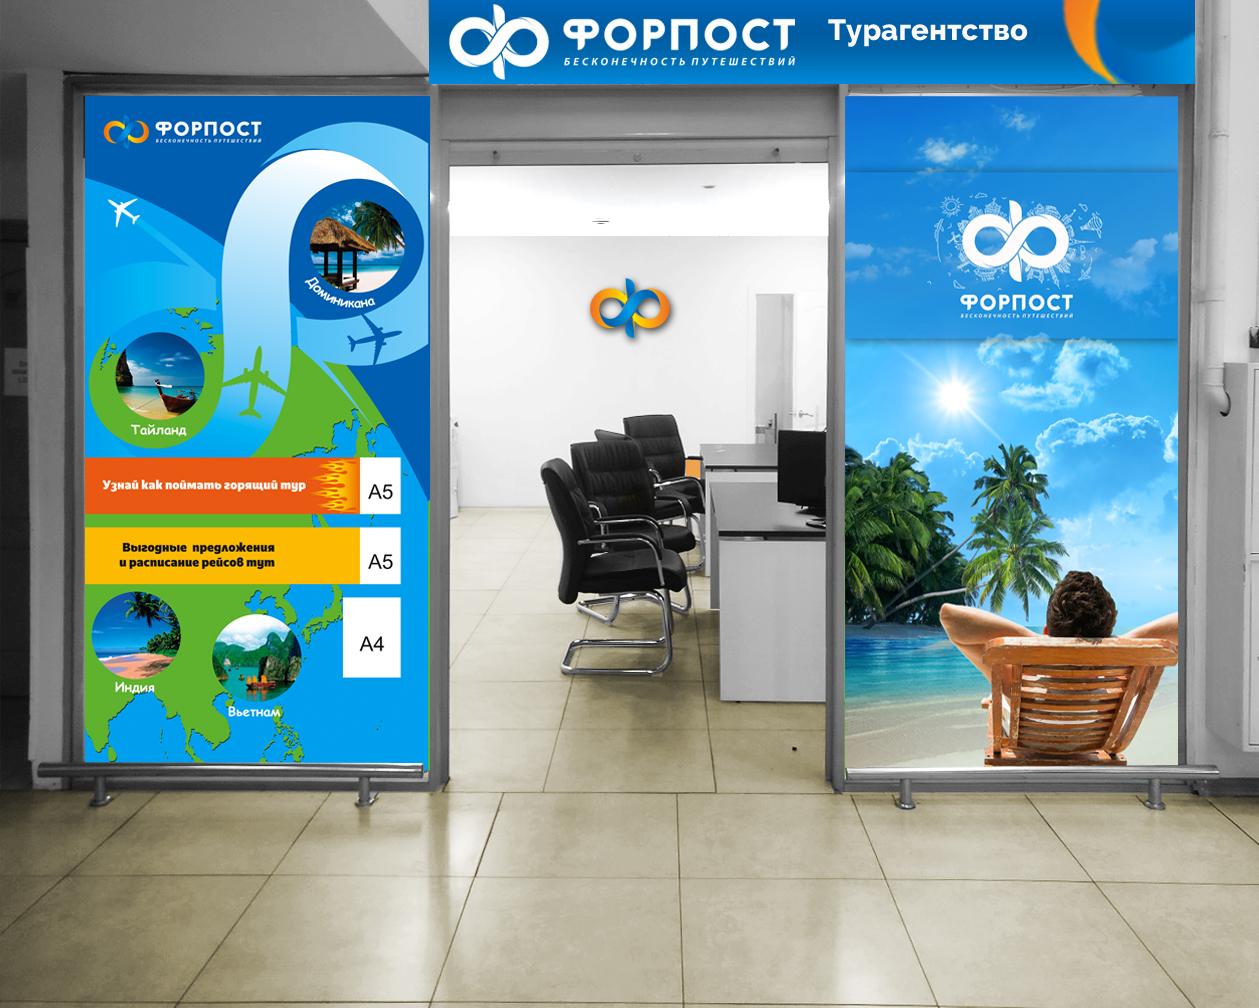 Дизайн двух плакатов фото f_7585a0d9e10c73b0.jpg